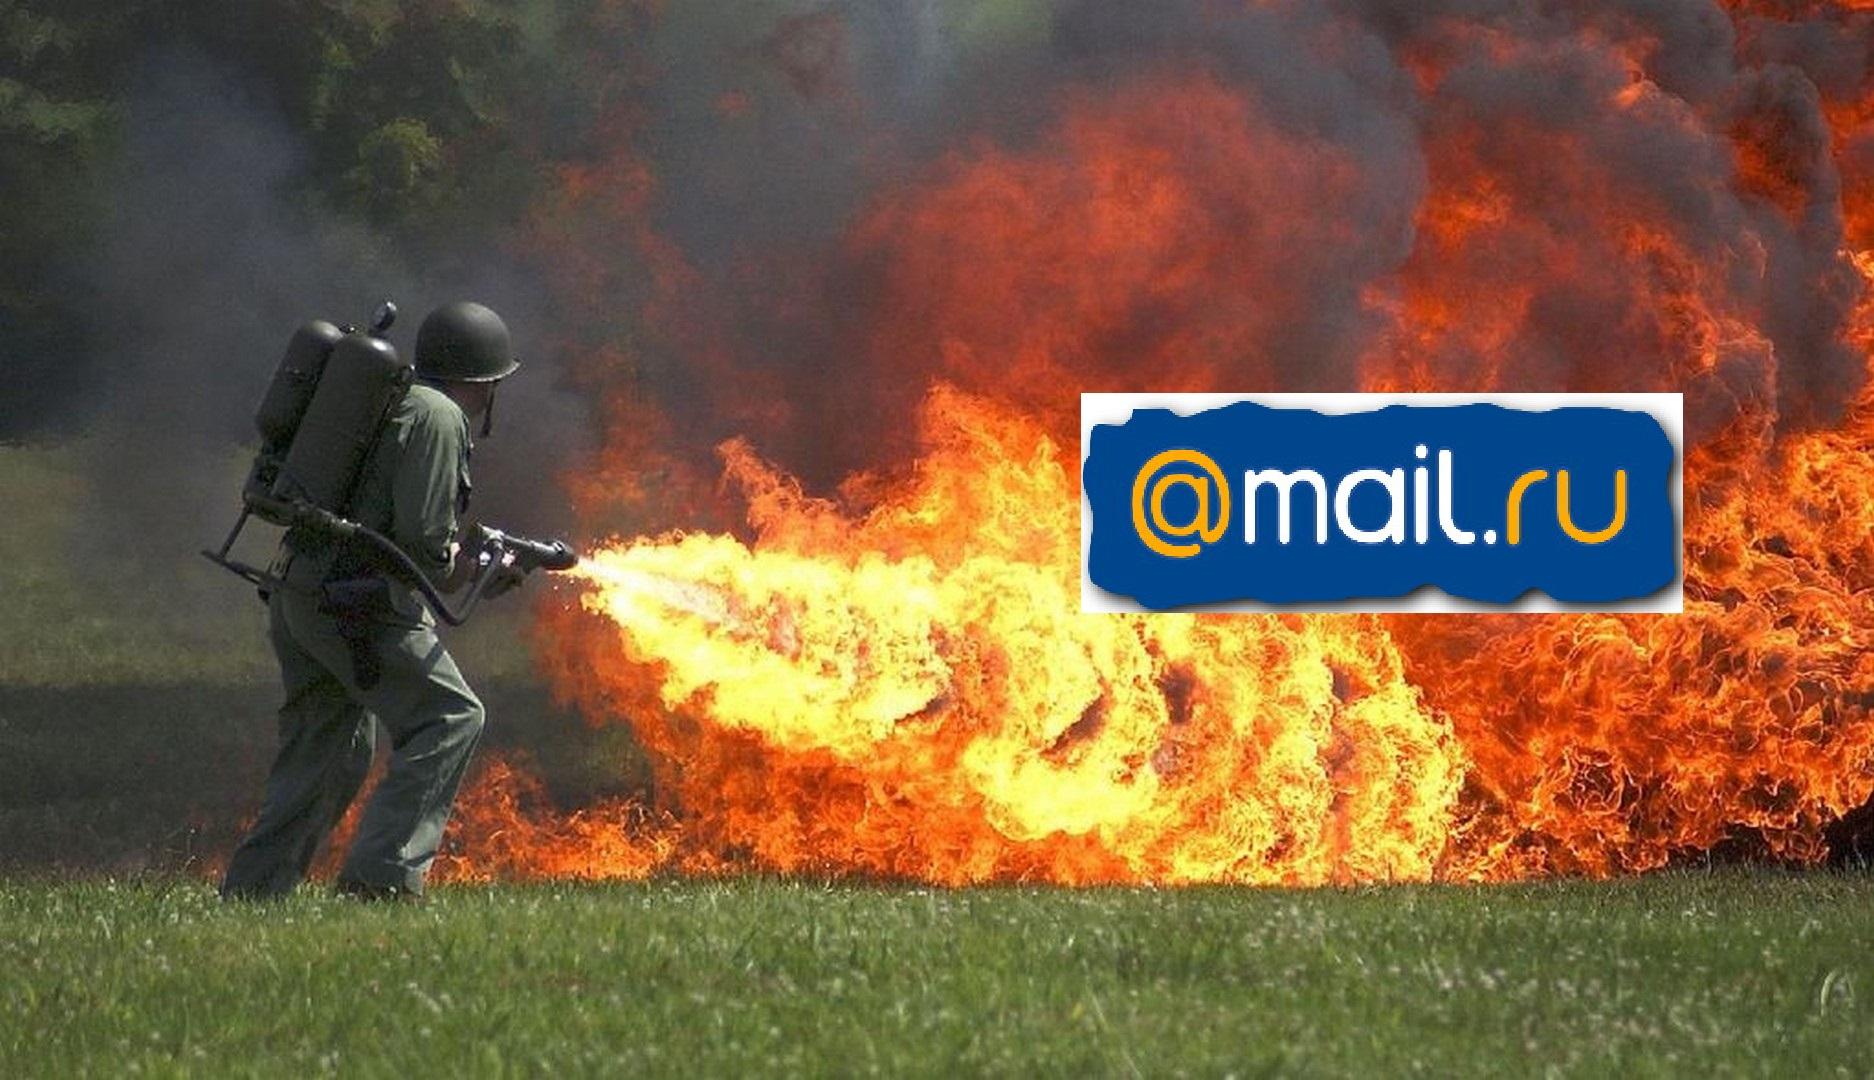 mail_ru2.jpeg (467.62 Kb)